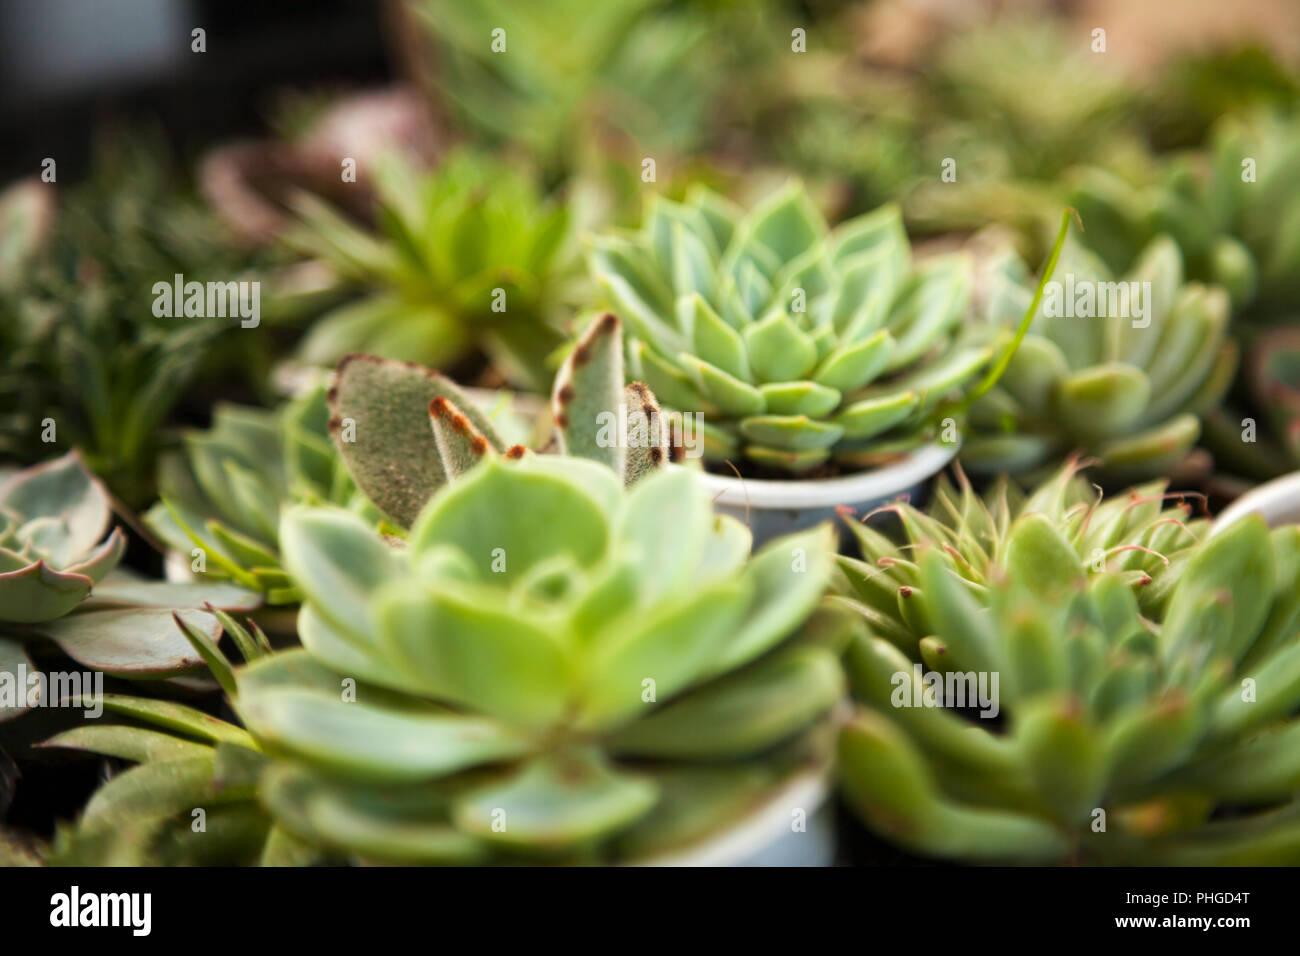 Viele Kleine Topfpflanzen Saftige Home Pflanzen Verschiedene Kleine